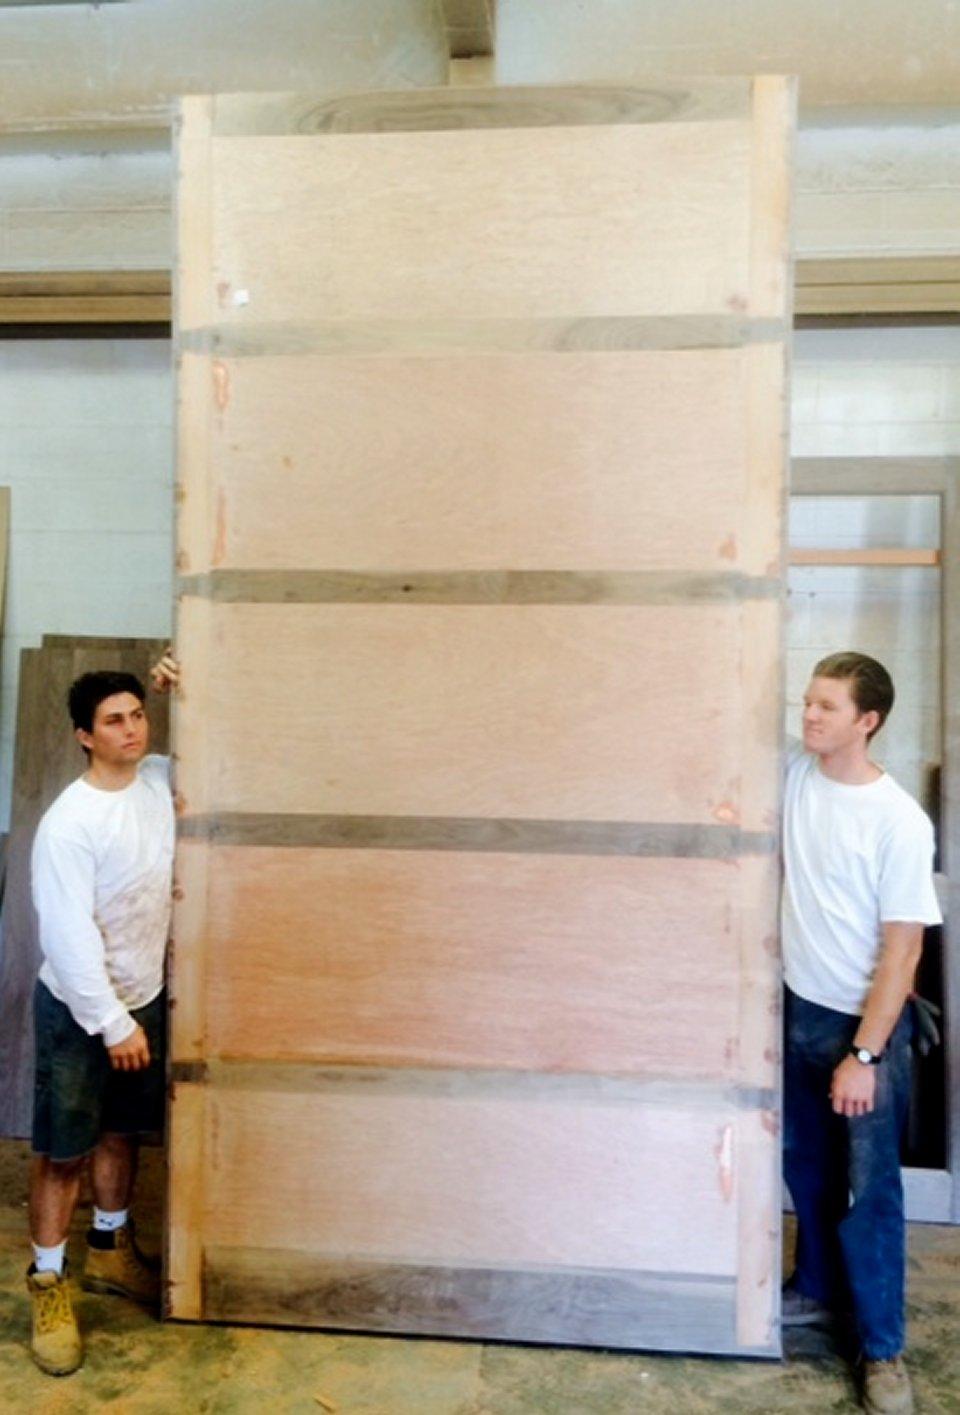 Reclaimed wood large pivot door insulated warp free wood pivot doors - Reclaimed Wood Large Pivot Door Insulated Warp Free Wood Pivot